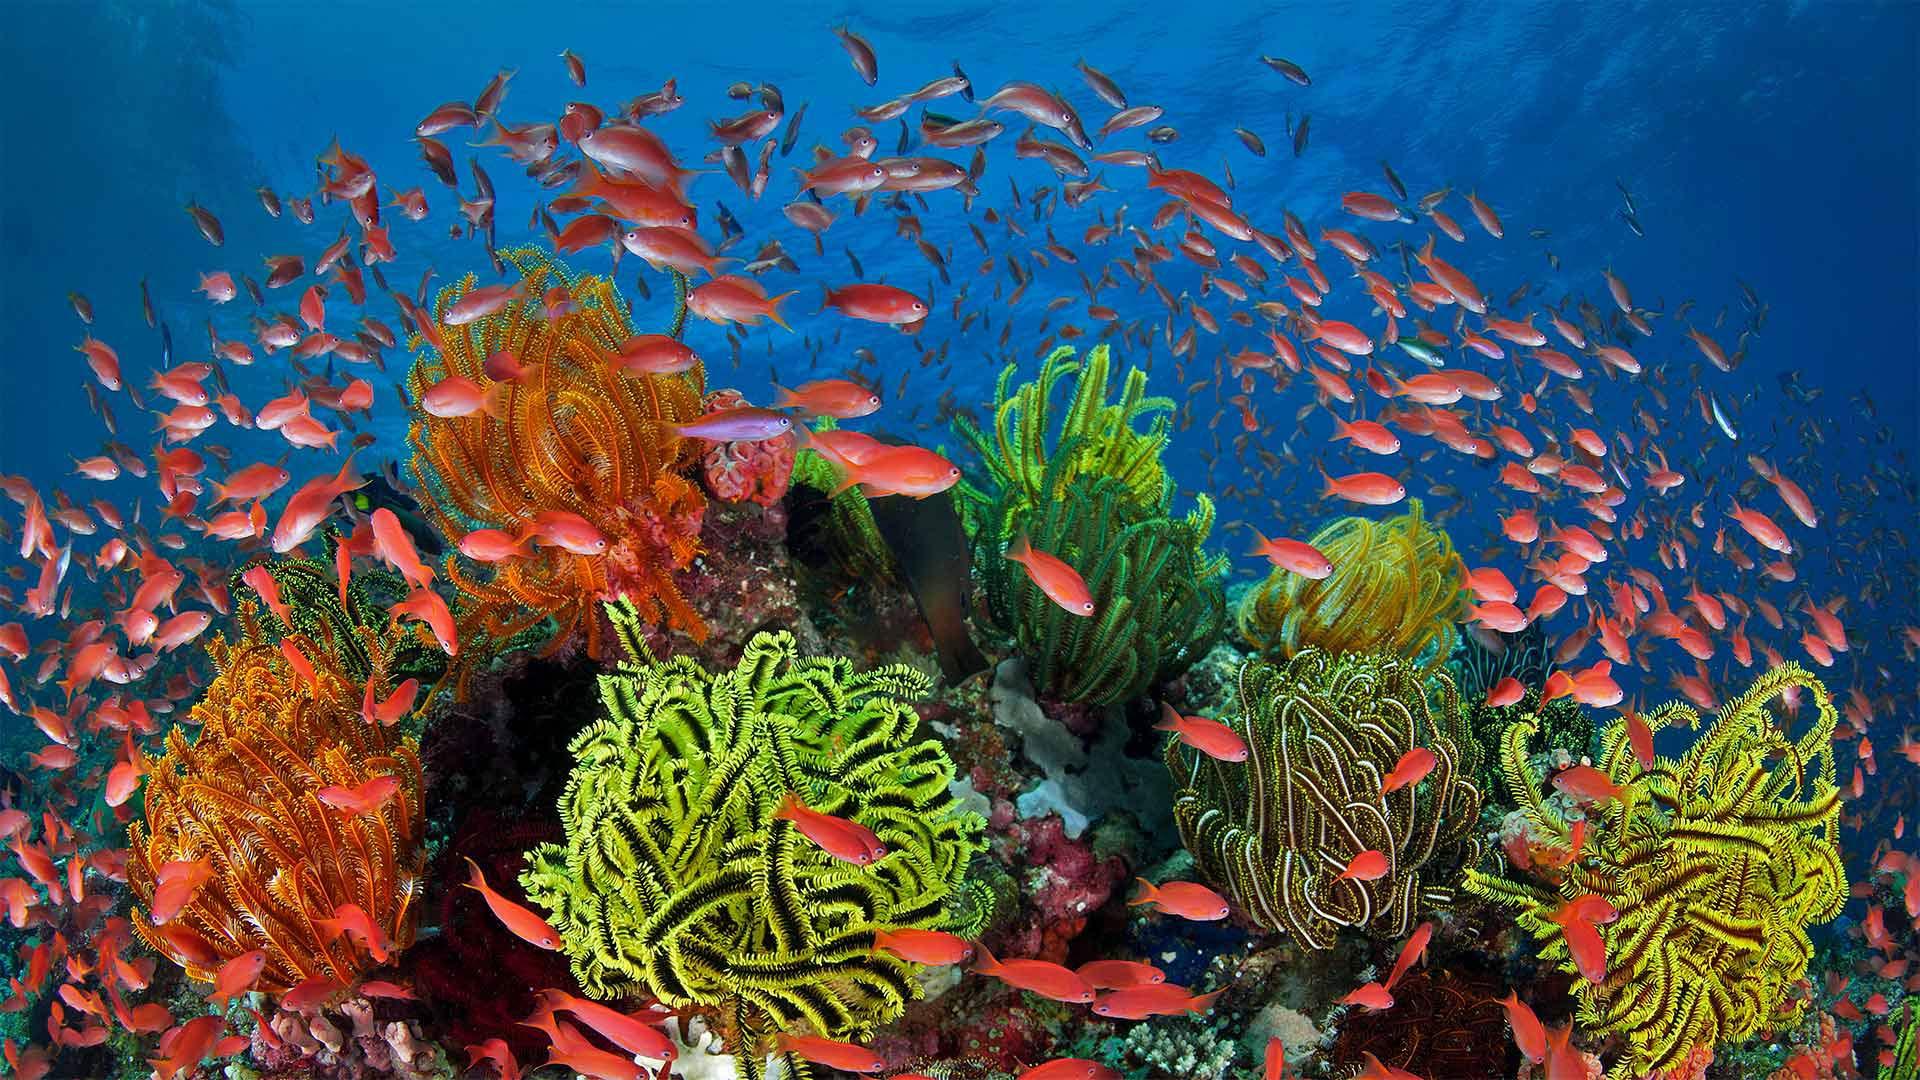 「サンゴとウミユリとキンギョハナダイ」オーストラリア, グレートバリアリーフ (© Gary Bell/Minden Pictures)